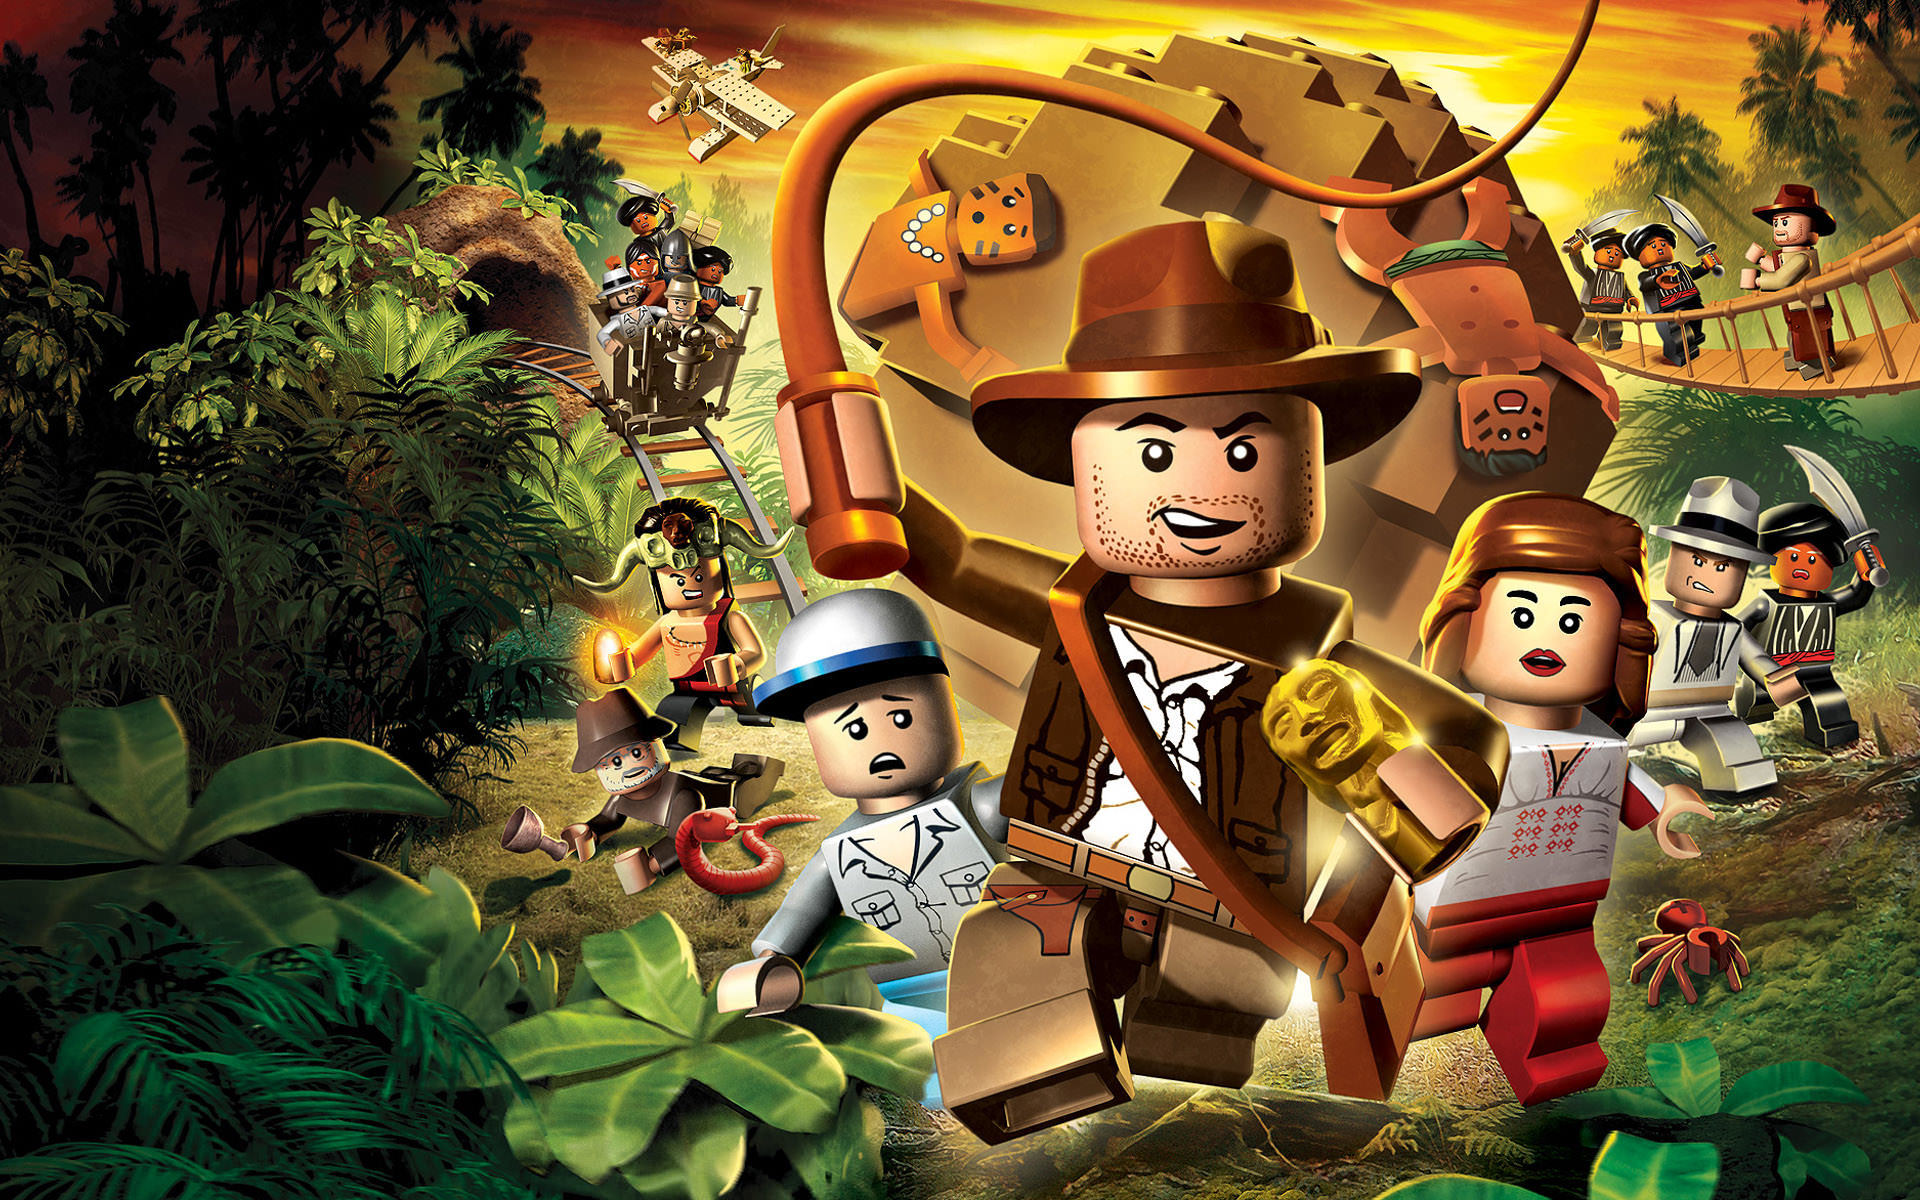 download wallpaper: LEGO Indiana Jones wallpaper